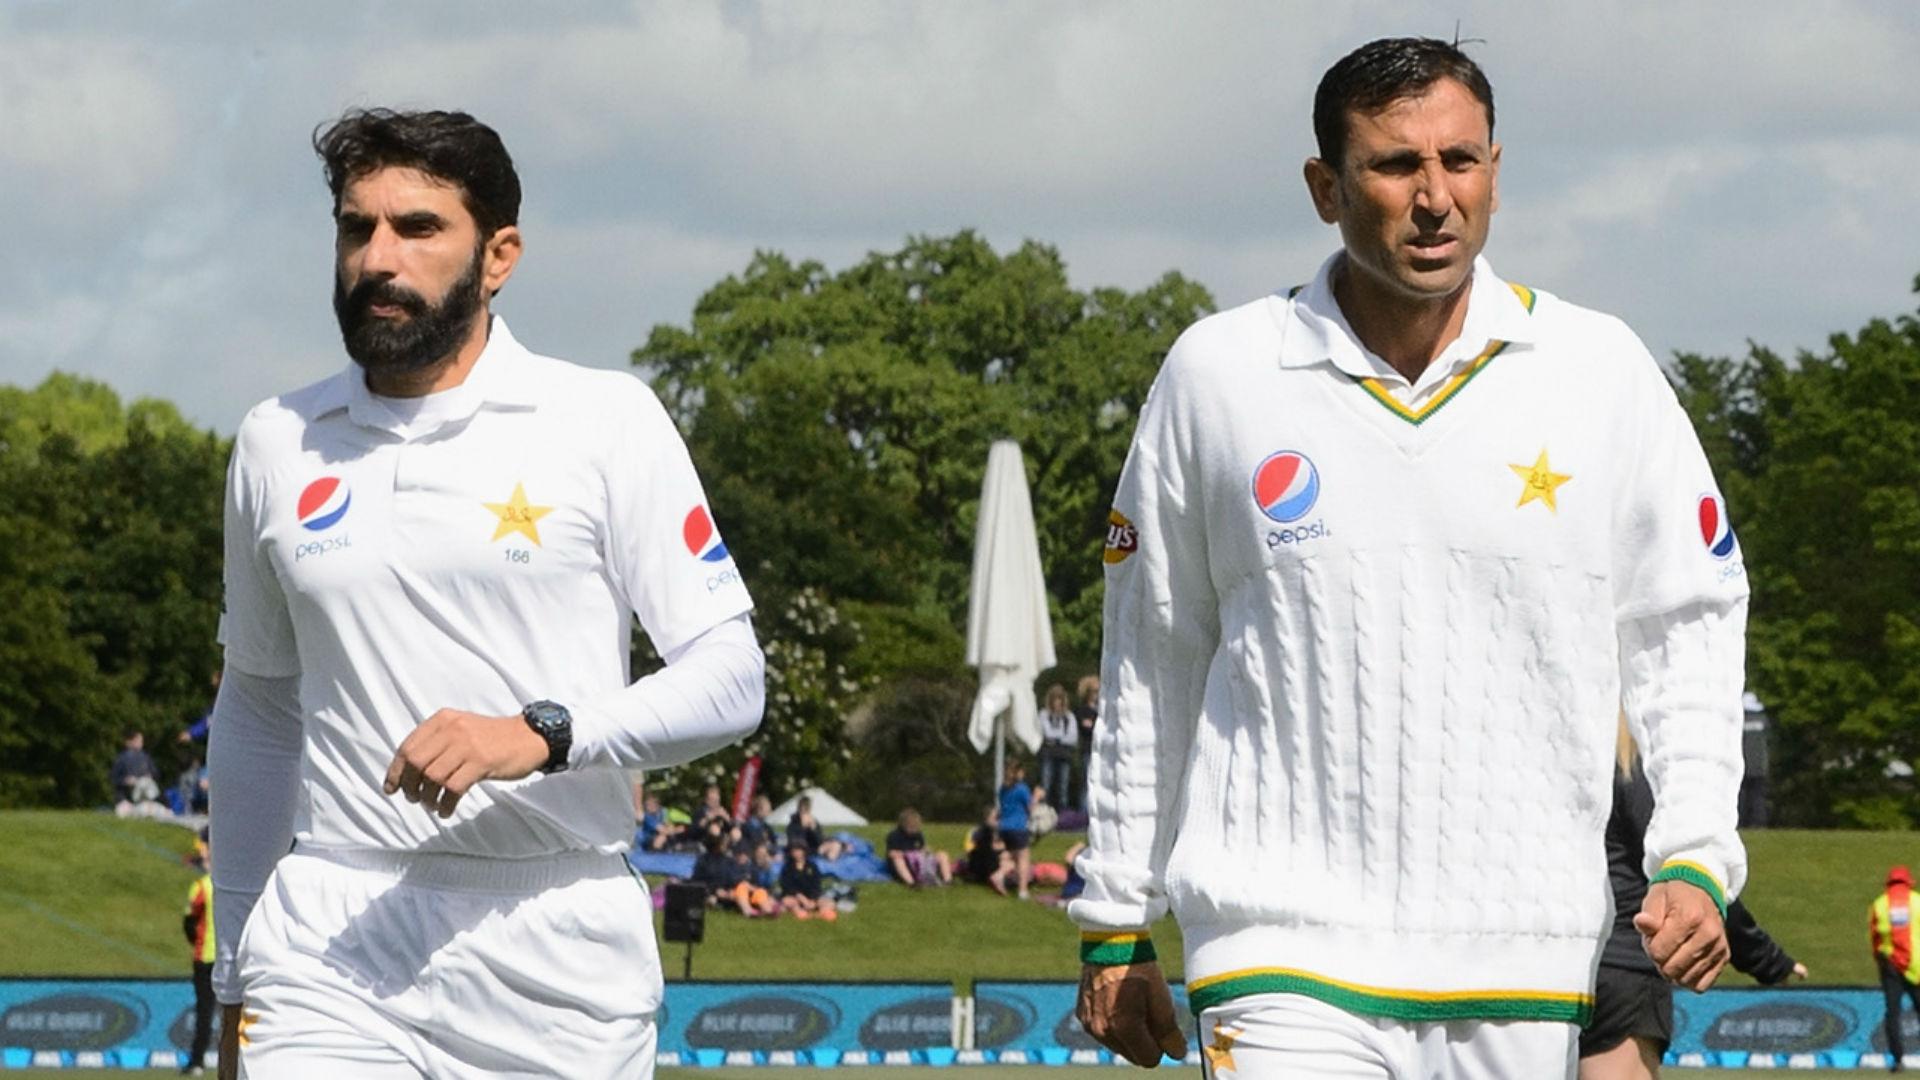 पाकिस्तान के 2 दिग्गजों के एकसाथ सन्यास लेने के फैसले के खिलाफ उतरे पूर्व दिग्गज खिलाड़ी 31